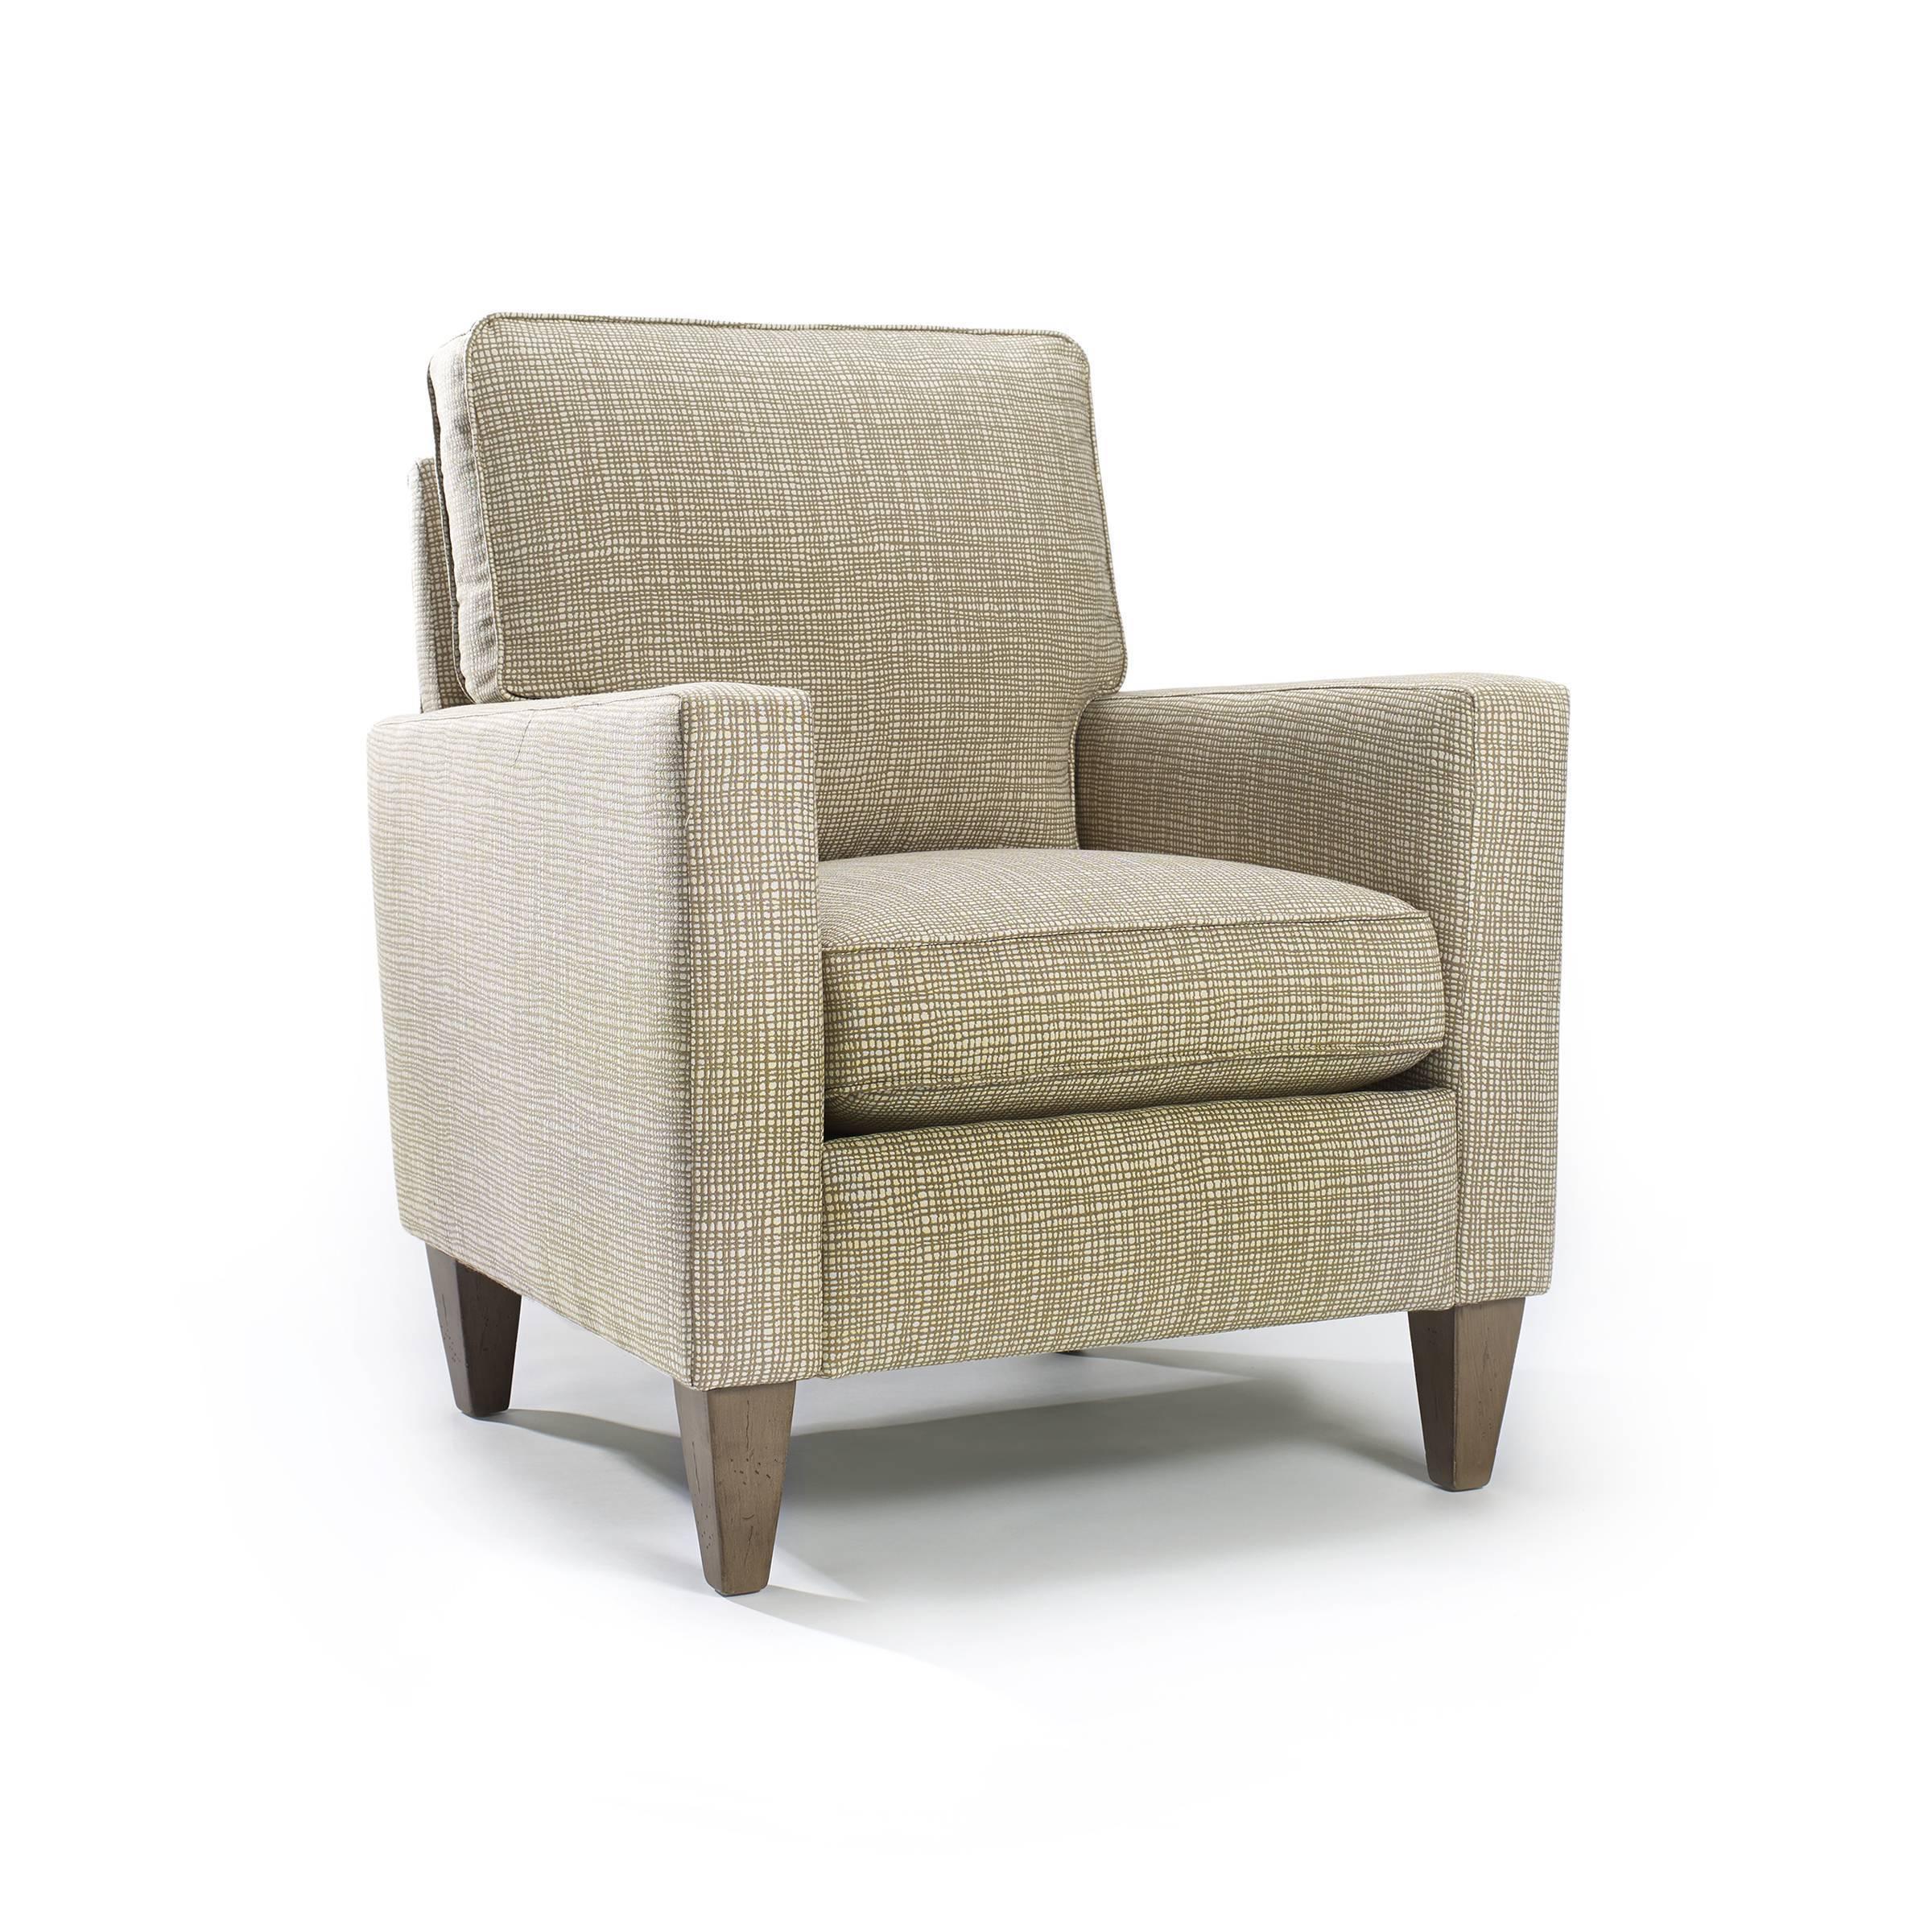 Kinsey Chair Beachwood Regarding Beachwood Arm Chairs (View 7 of 15)